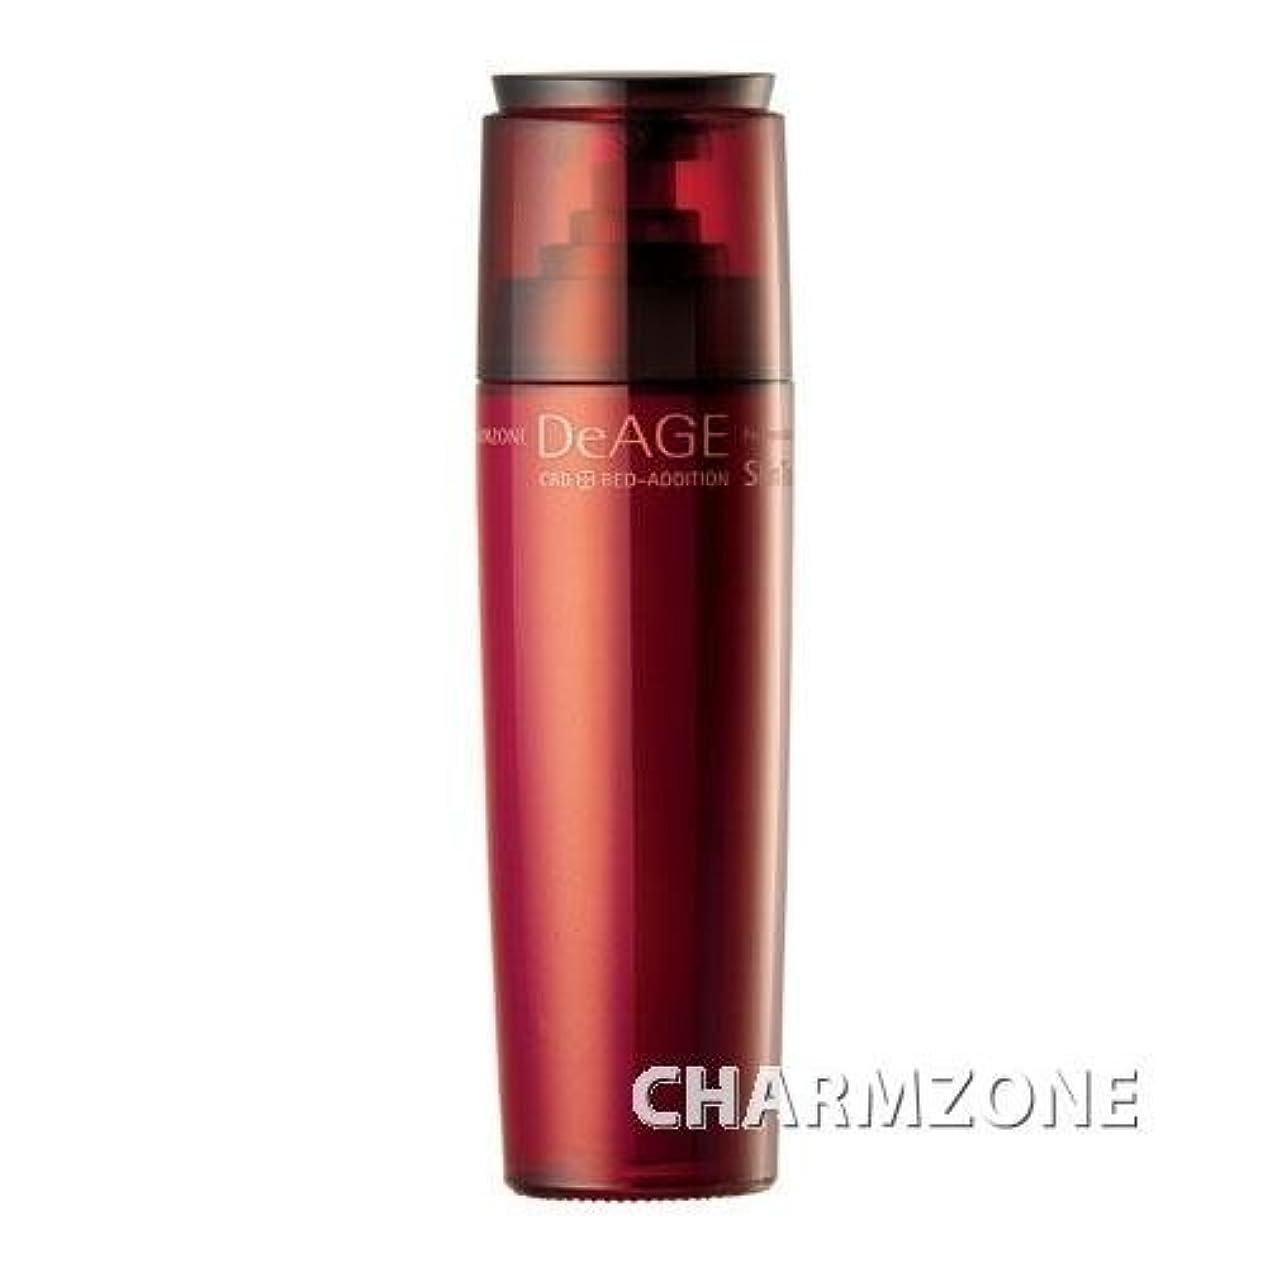 のホストサイレント学校教育CHARMZONE DeAGE RED-ADDITION Skin Toner [Korean Import]